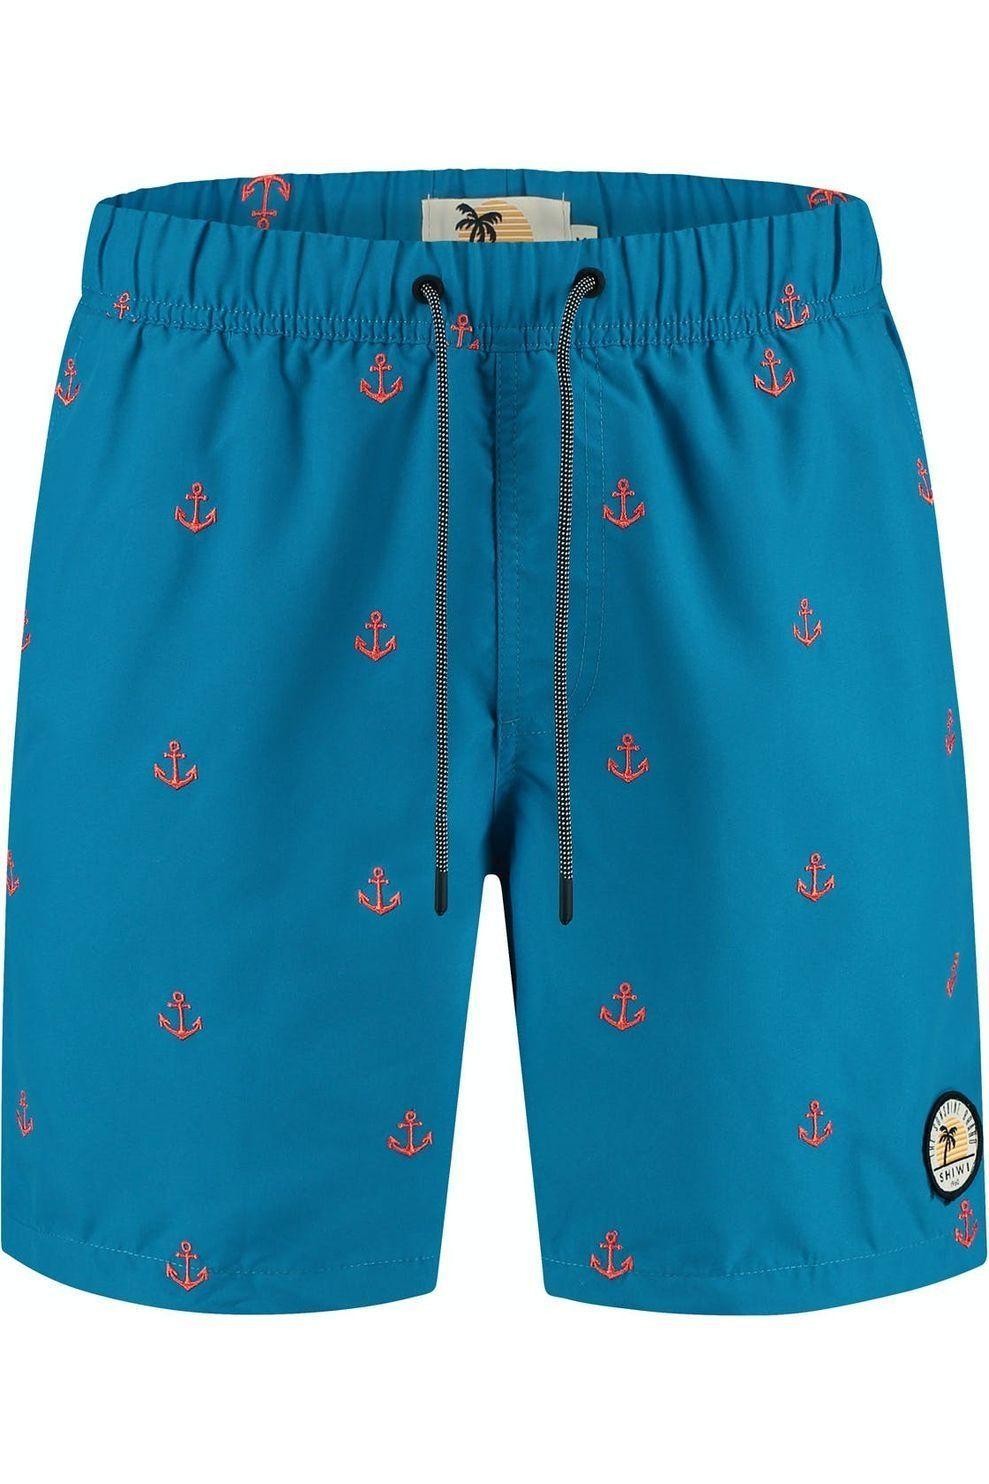 Shiwi Zwemshort Relax Anchor Embr voor heren - Blauw - Maat: S